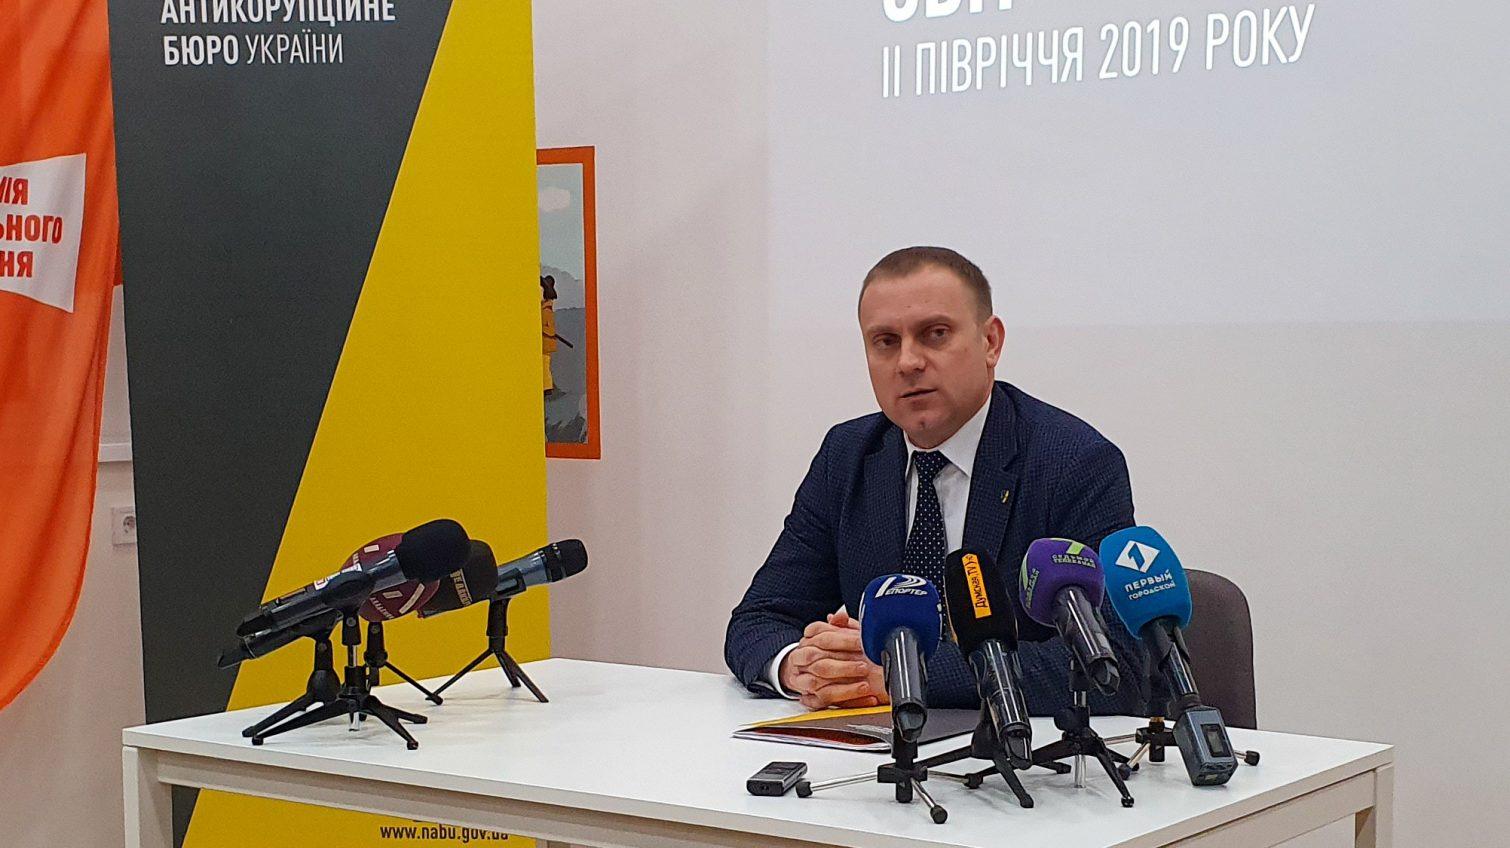 Отчет главы Одесского управления НАБУ за конец 2019 года (прямая трансляция) «фото»